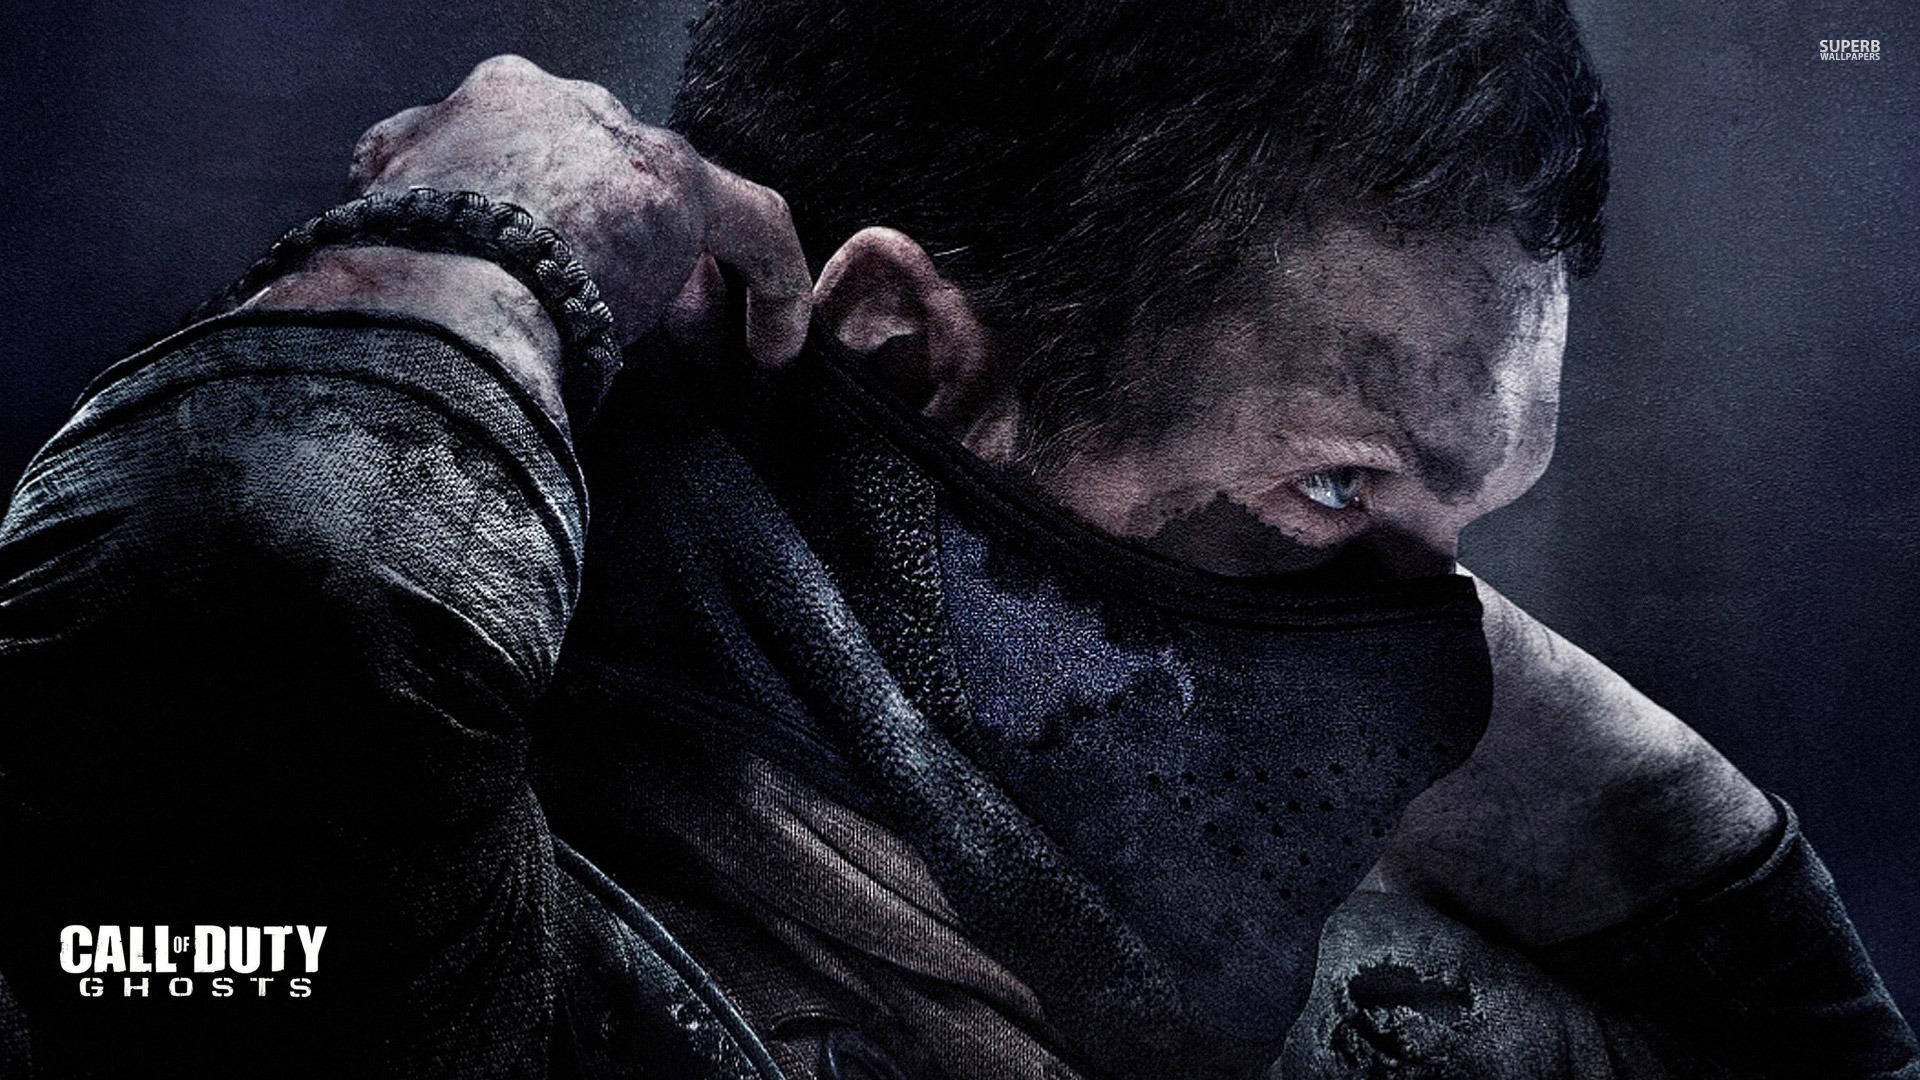 E3 2016 | Call of Duty mới sẽ được công bố chính thức tại E3 – Tin Game